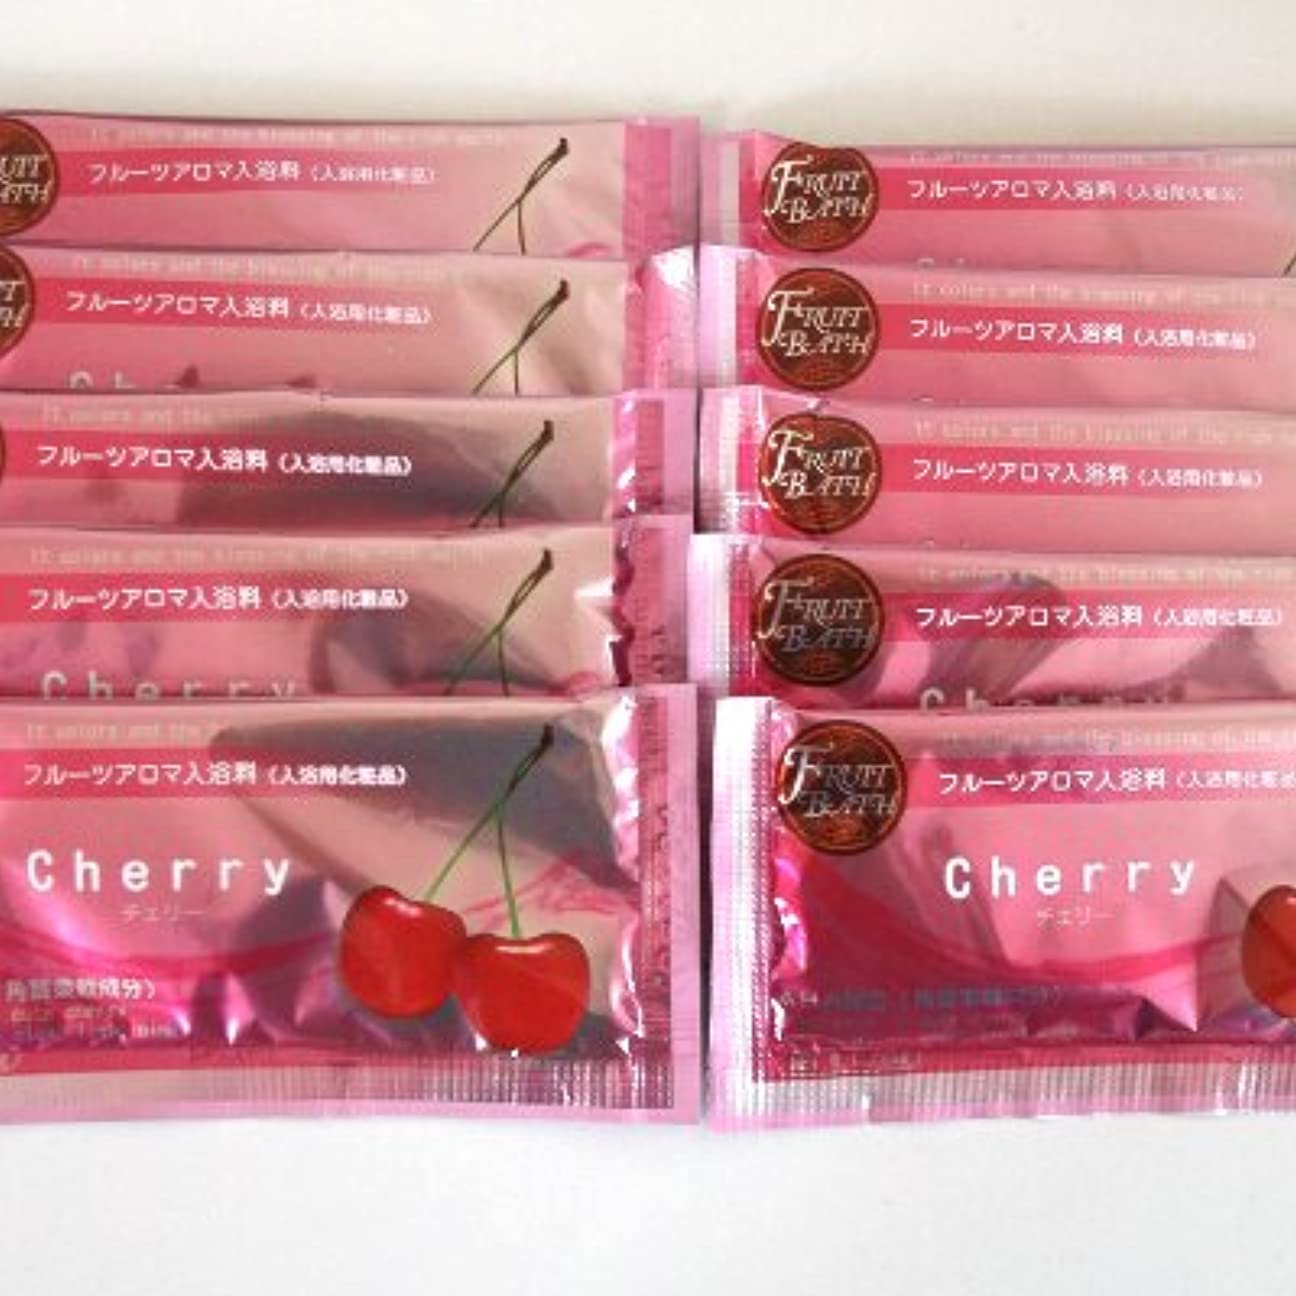 通りバットパトワフルーツアロマ入浴剤 チェリーの香り 10包セット